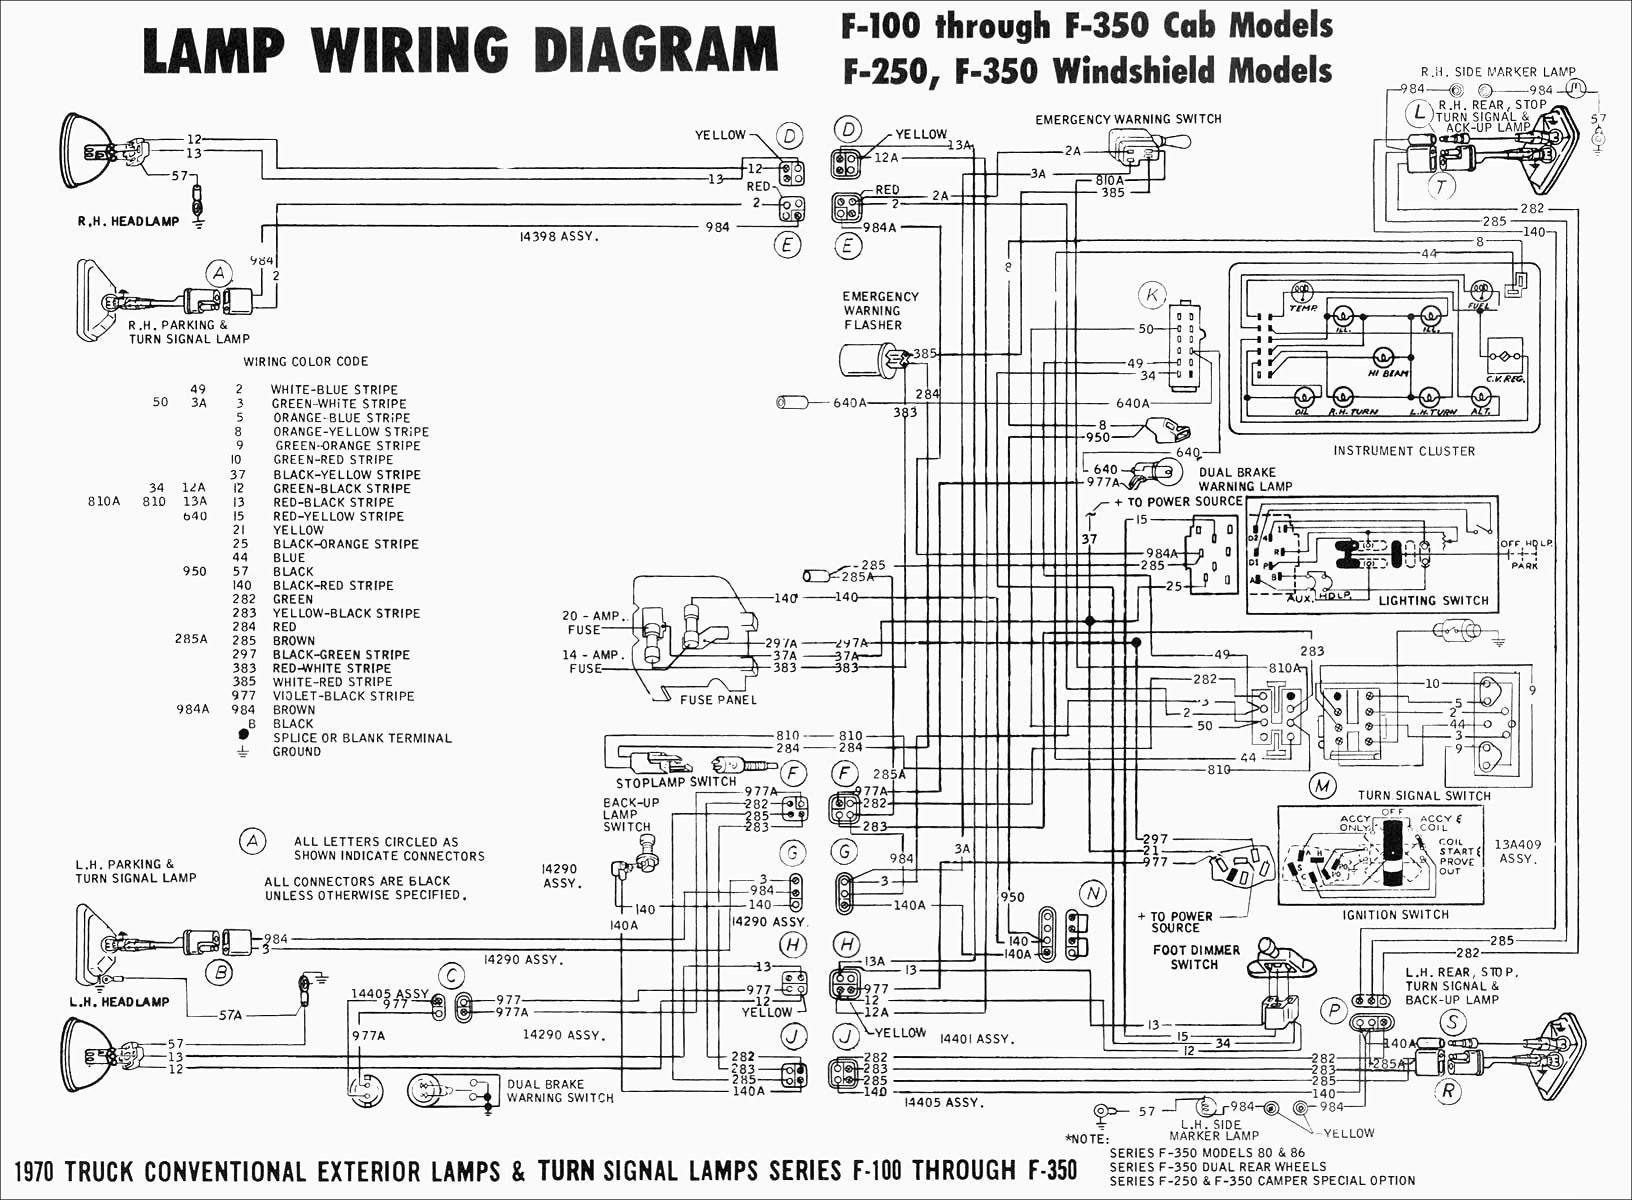 Brake Lights Diagram Inspirational Wiring Diagram for Brake Lights Joescablecar Of Brake Lights Diagram